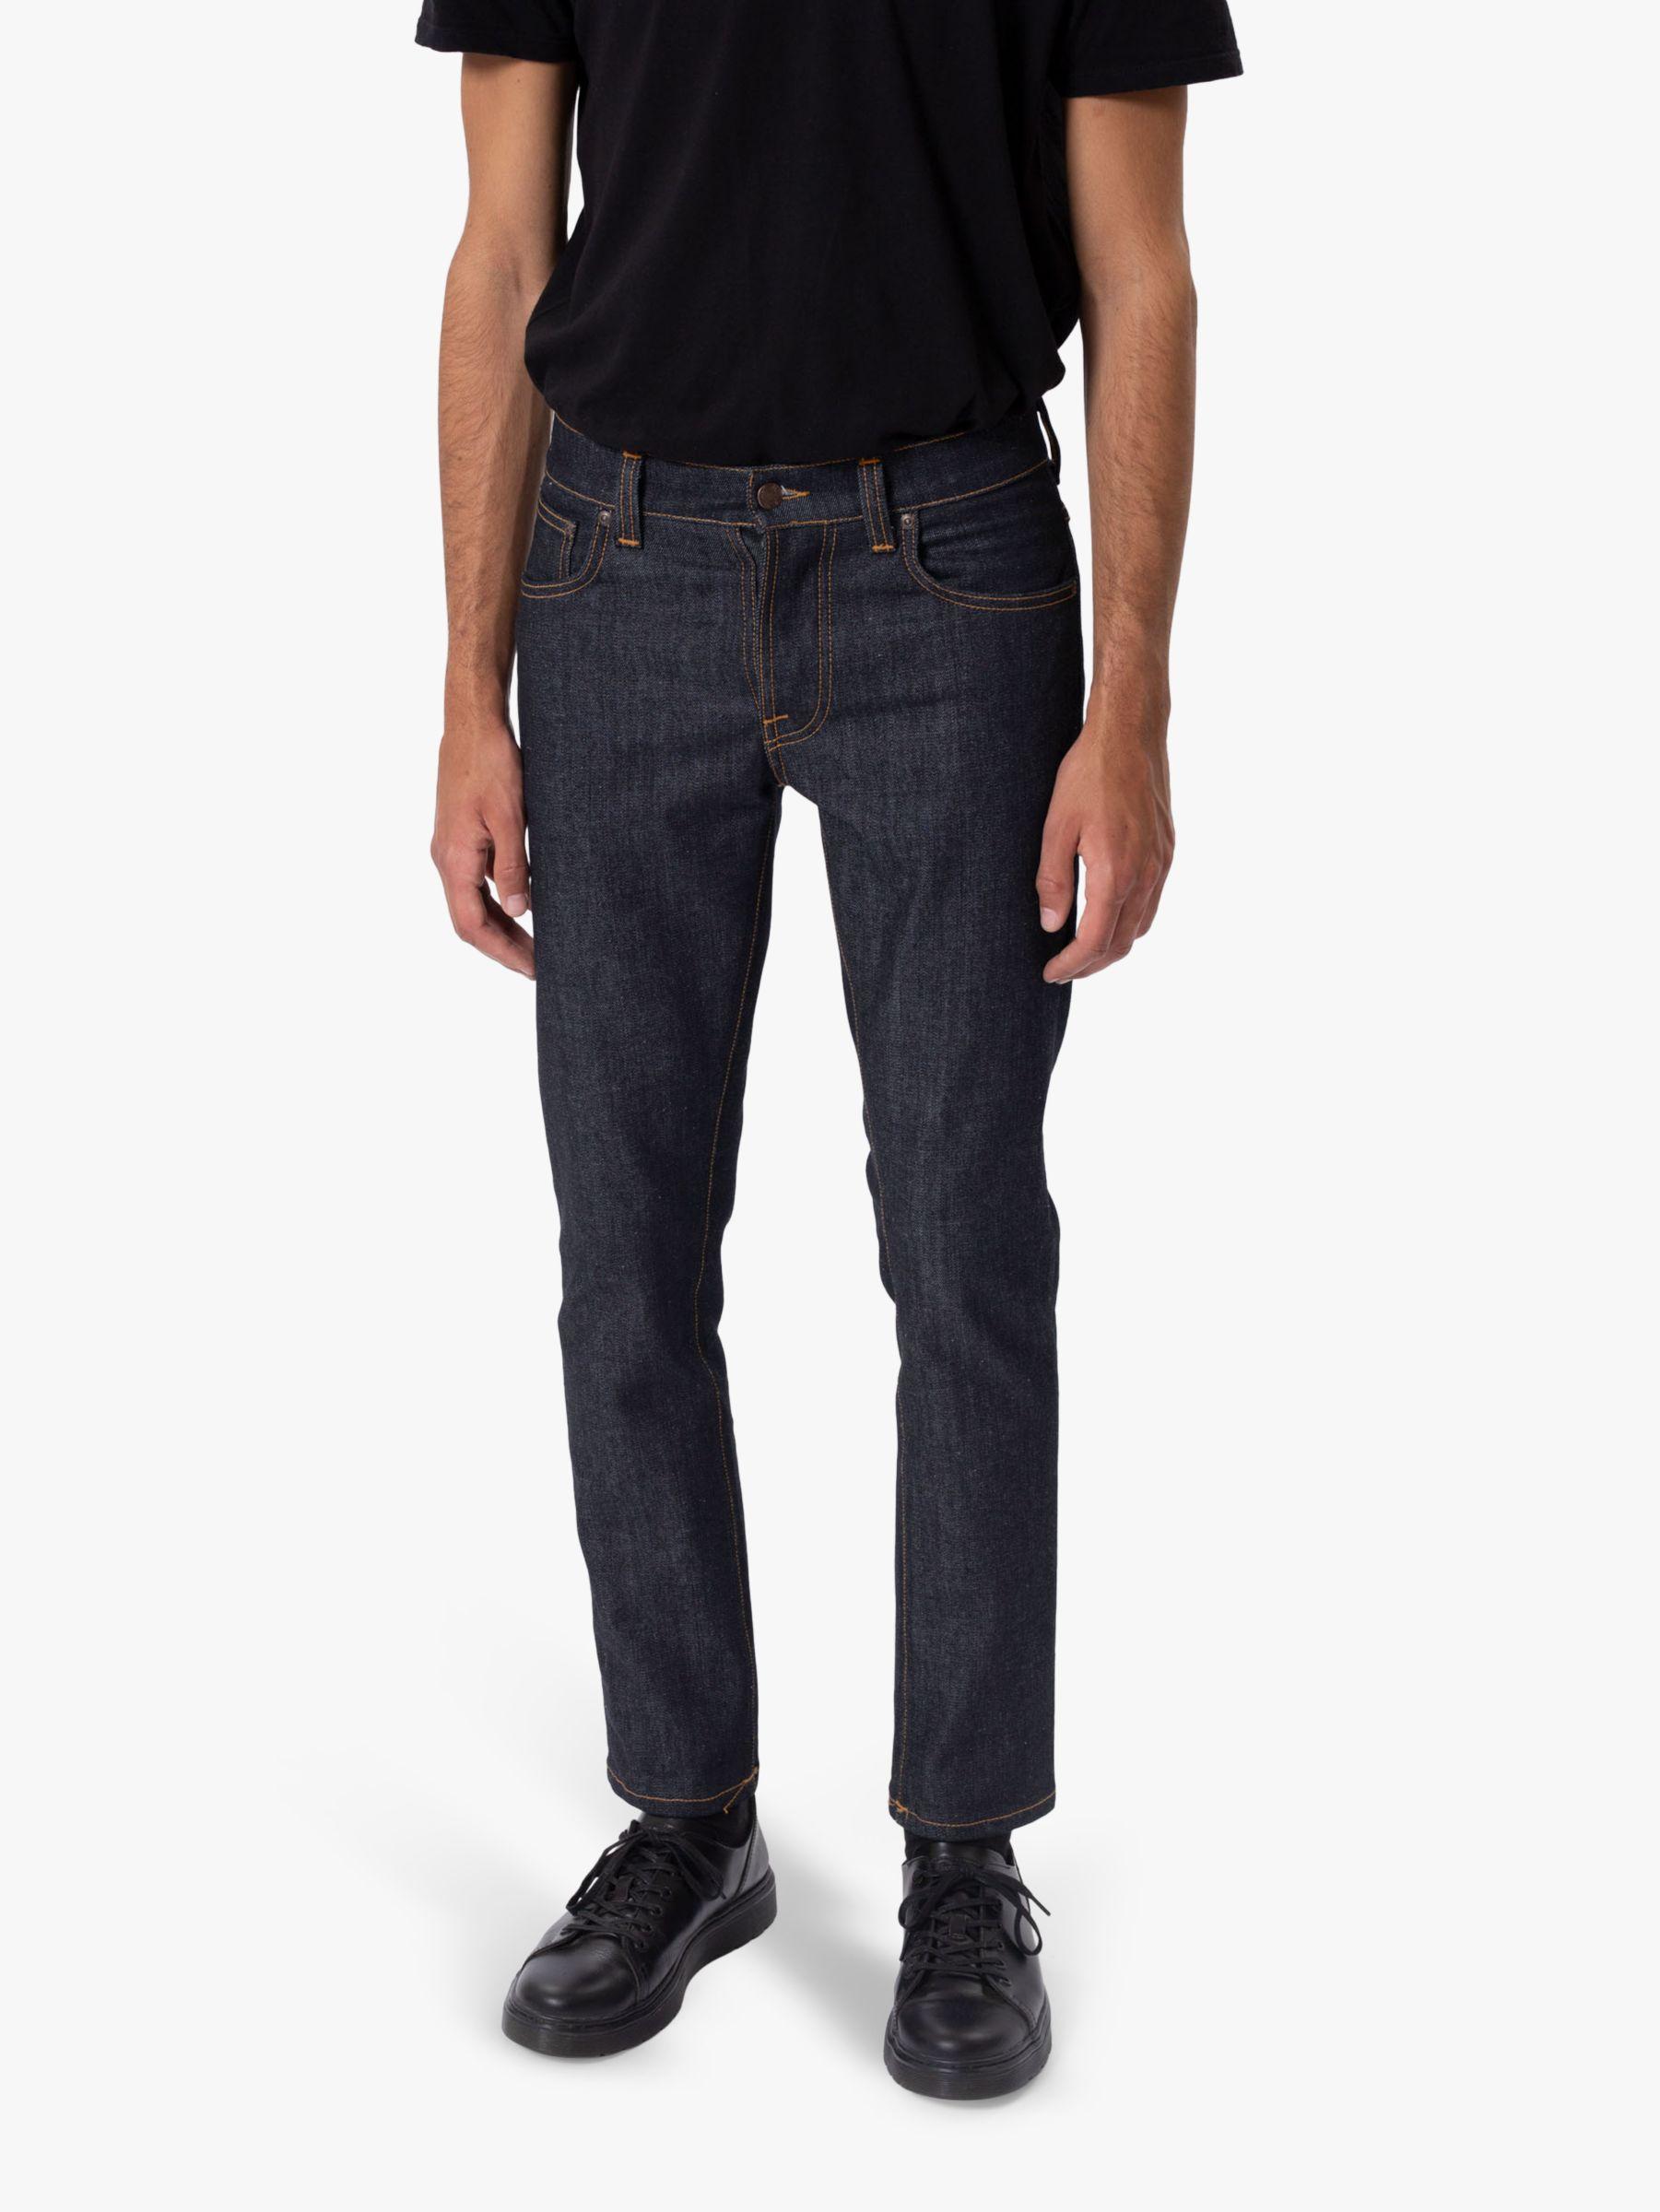 Nudie Jeans Nudie Jeans Slim Grim Tim Jeans, Dry True Navy